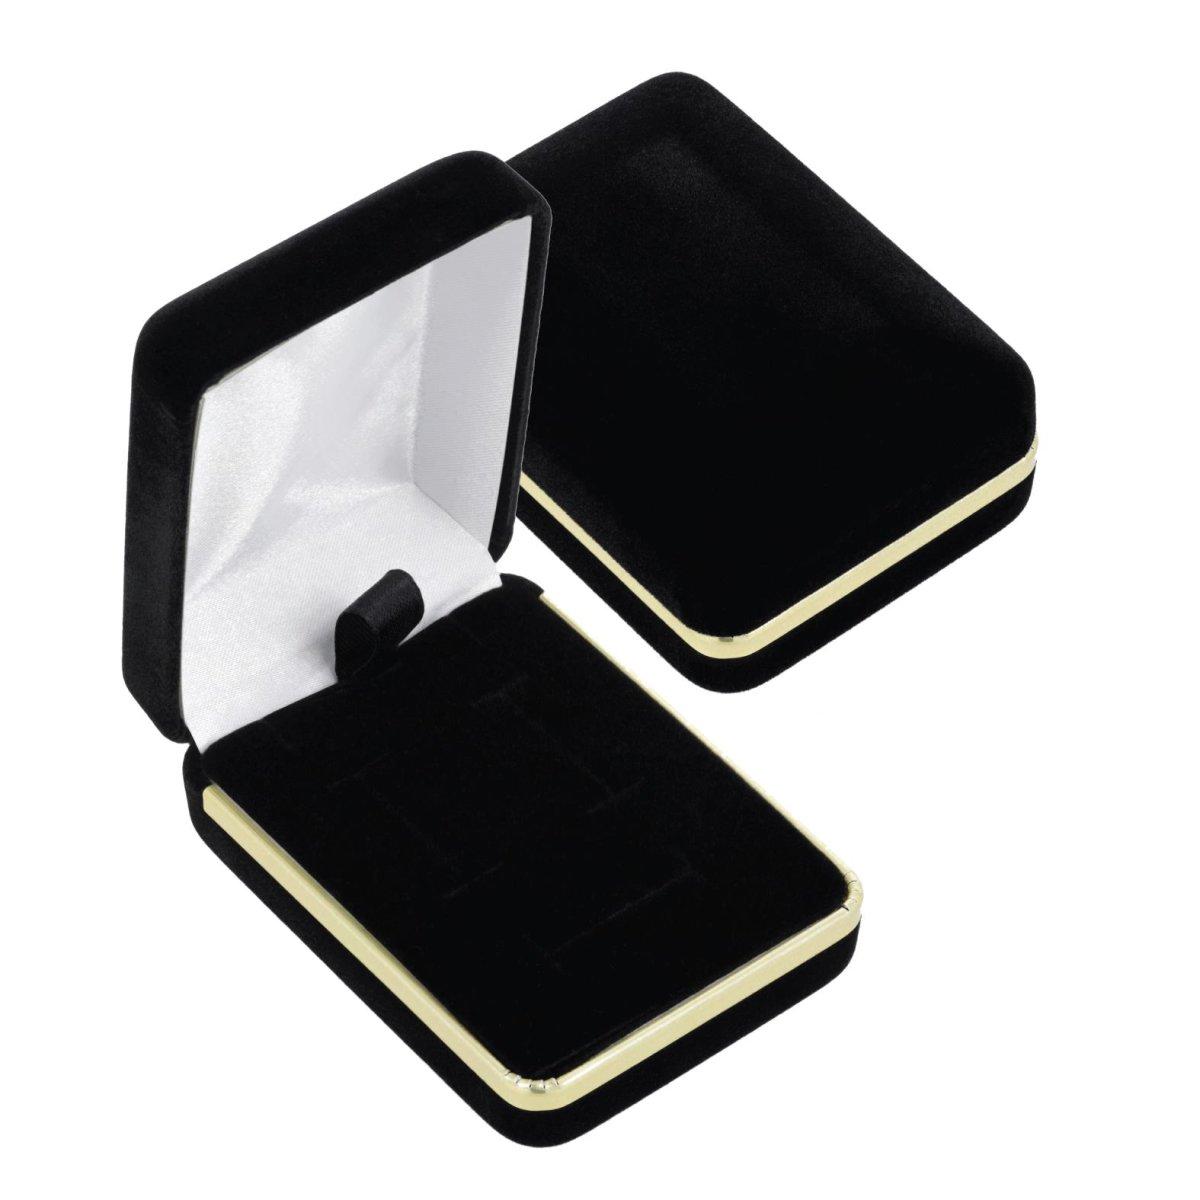 EYS JEWELRY Schmuck-Etui f/ür Ring Ohrringe Kette Anh/änger 50 x 45 x 39 mm Samt rot Ring-Box Ohrh/änger Schachtel Halskette Schatulle Geschenk-Verpackung